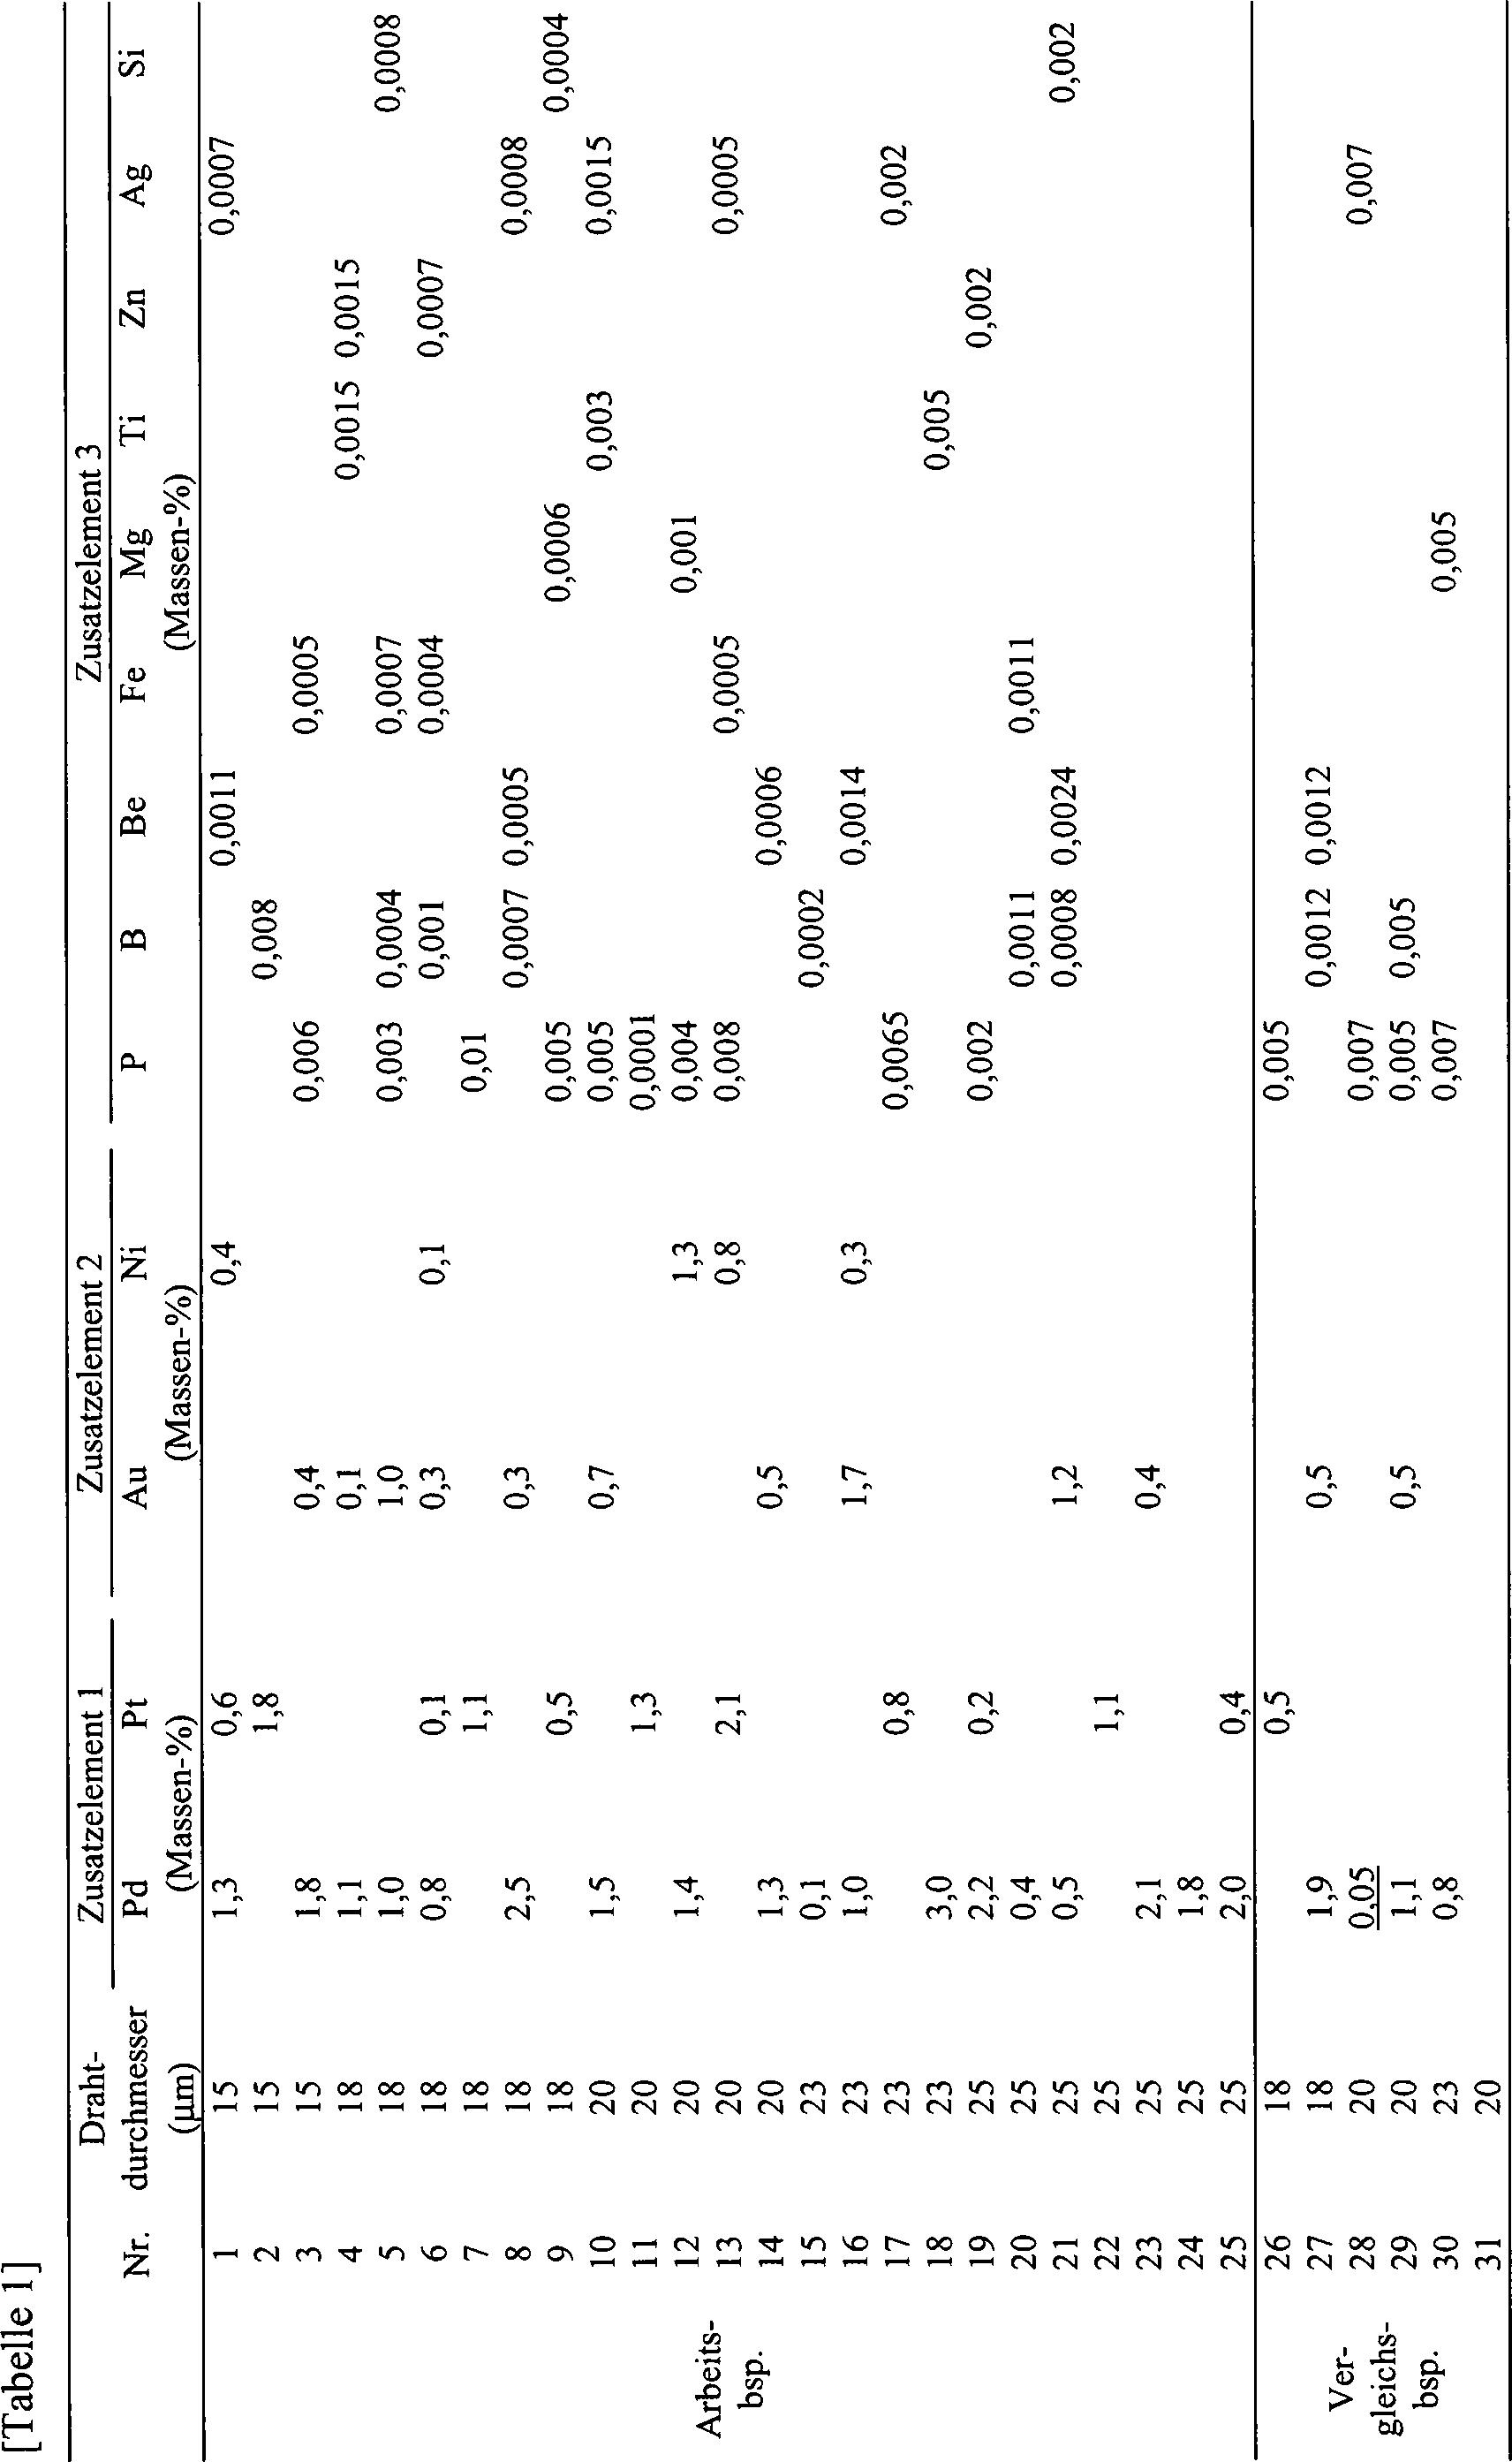 Figure DE112015005172T5_0001